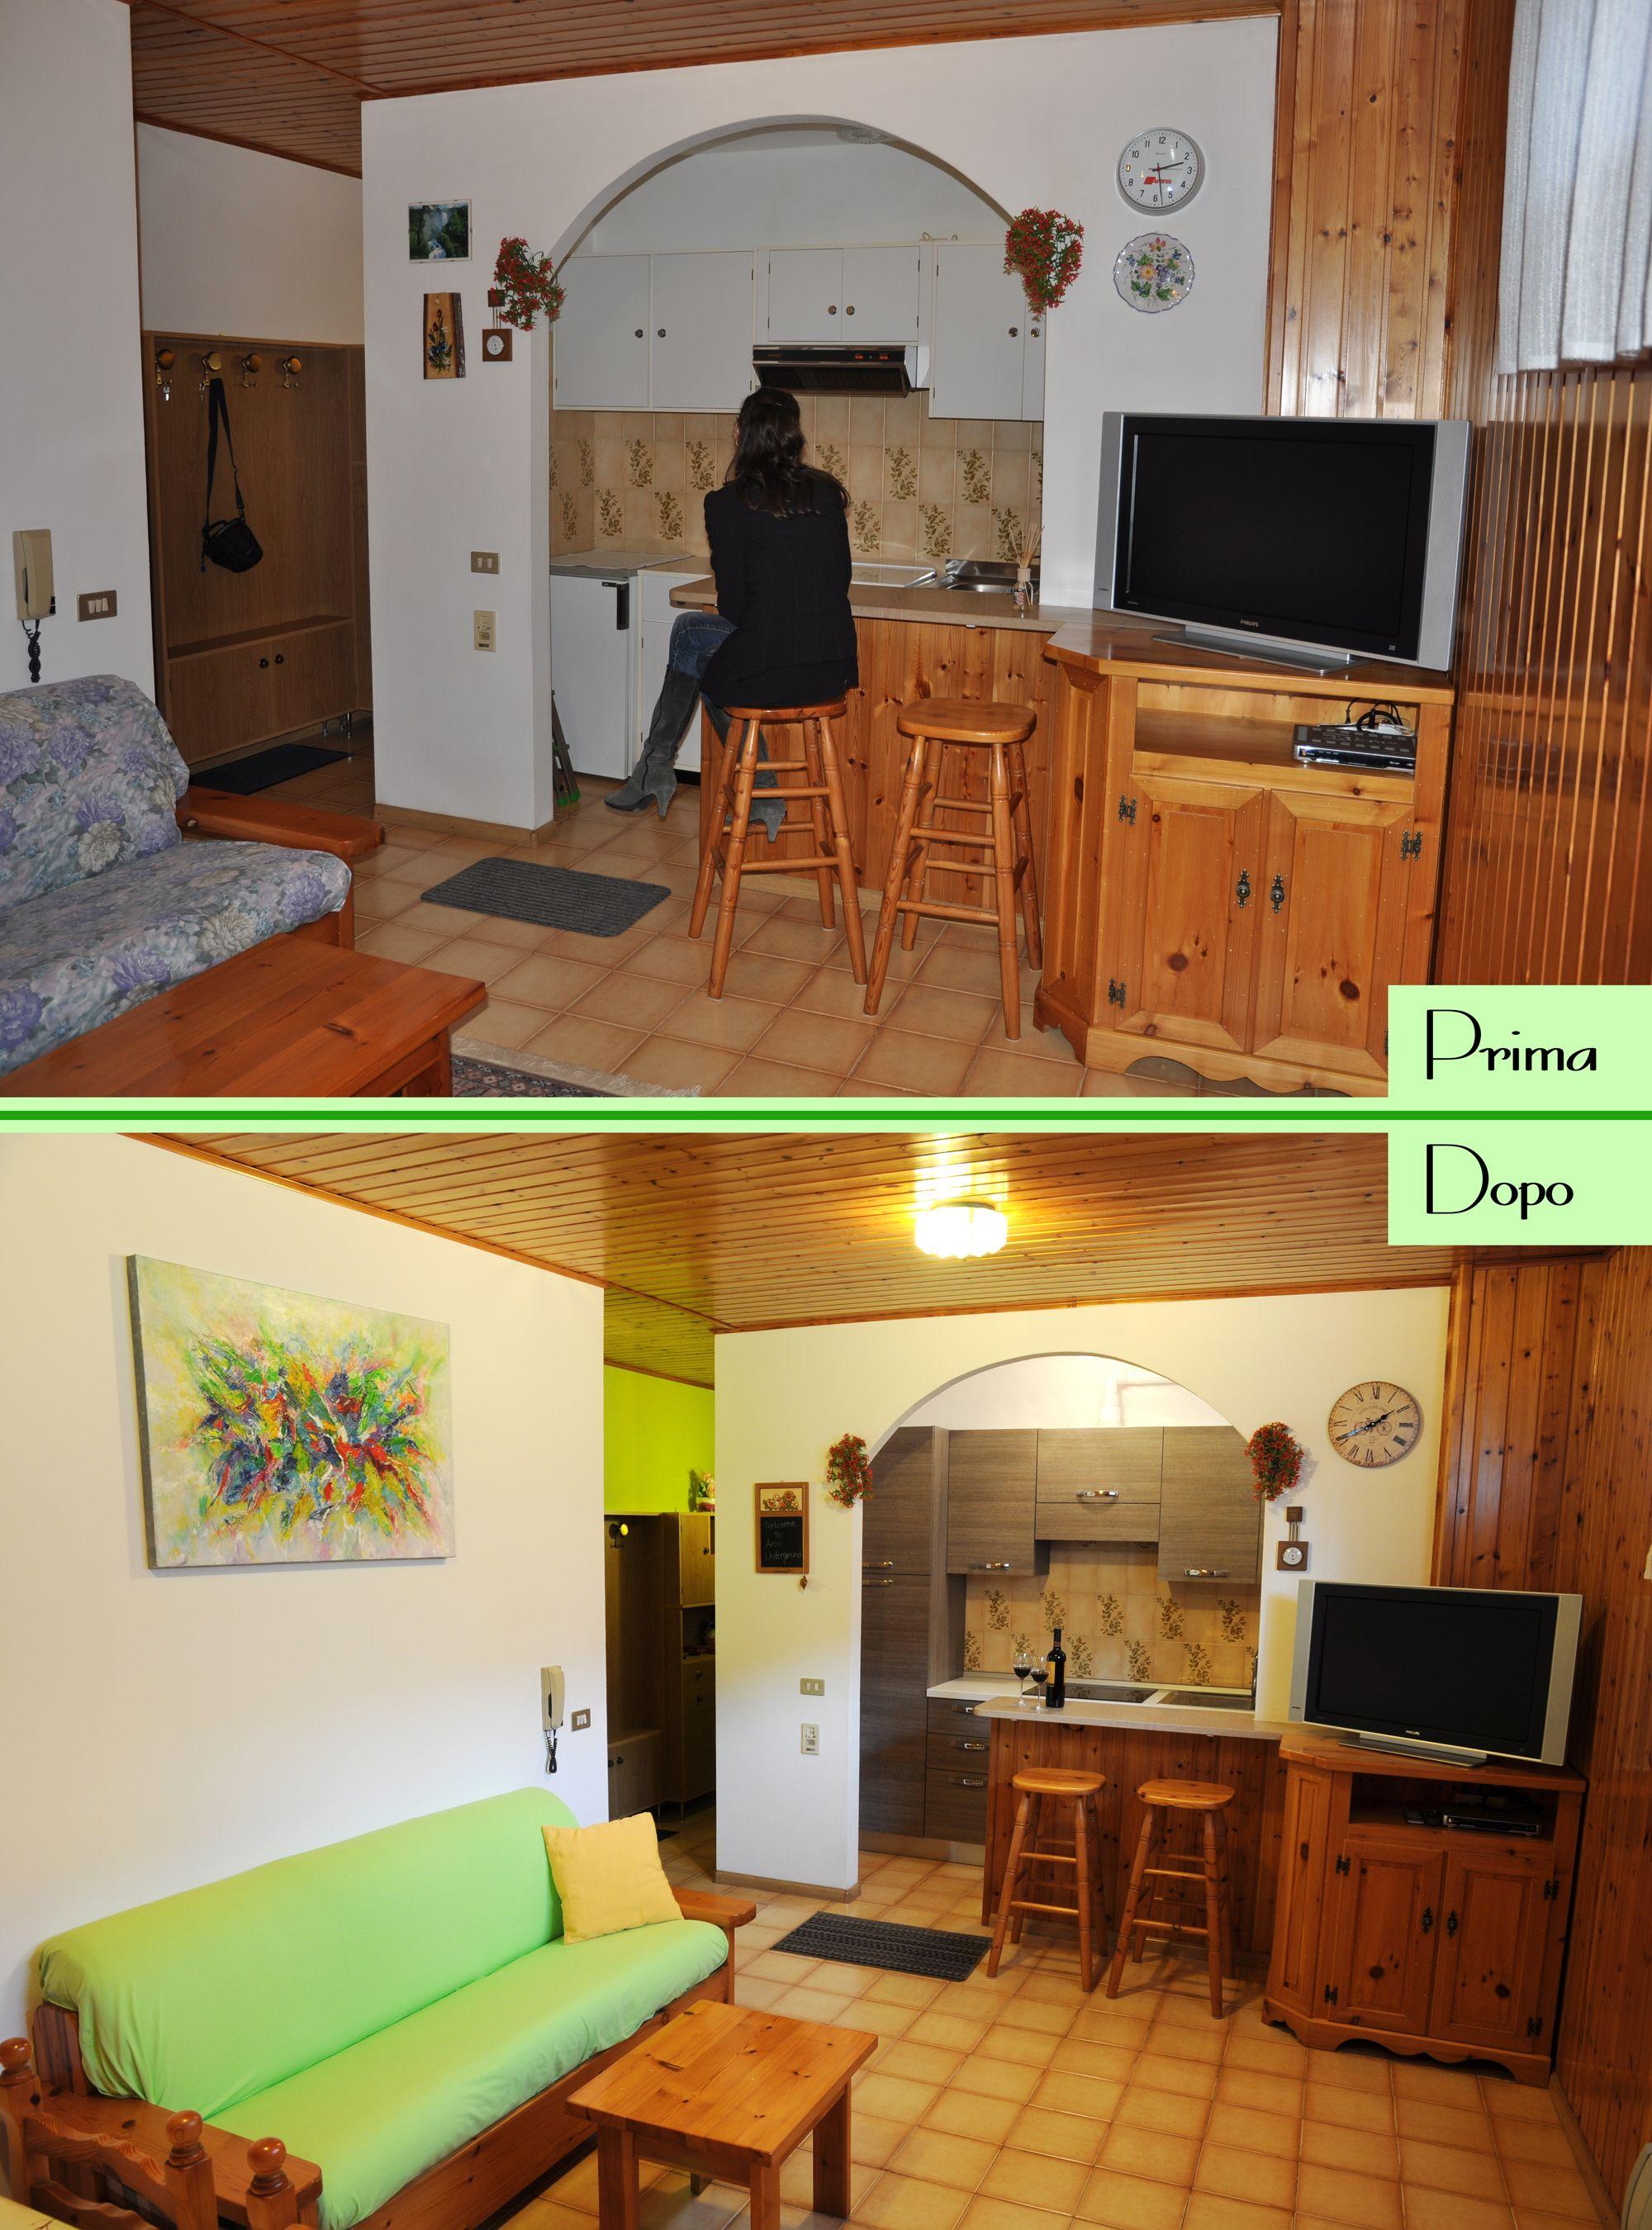 ristrutturare una cucina - prima e dopo - come può cambiare una casa ...